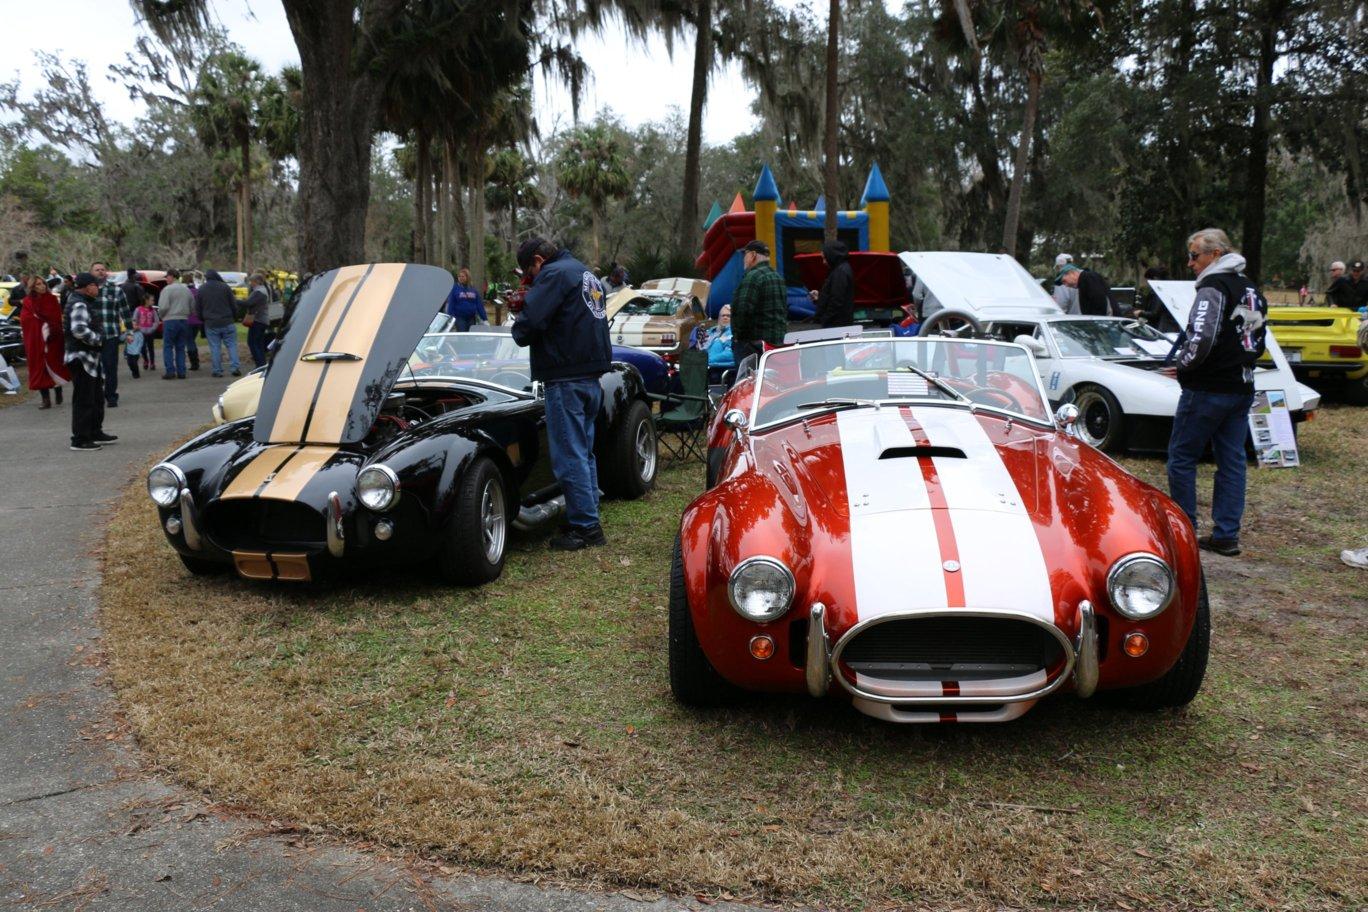 Car Shows Falls City Mustang Club - Florida classic 2018 car show